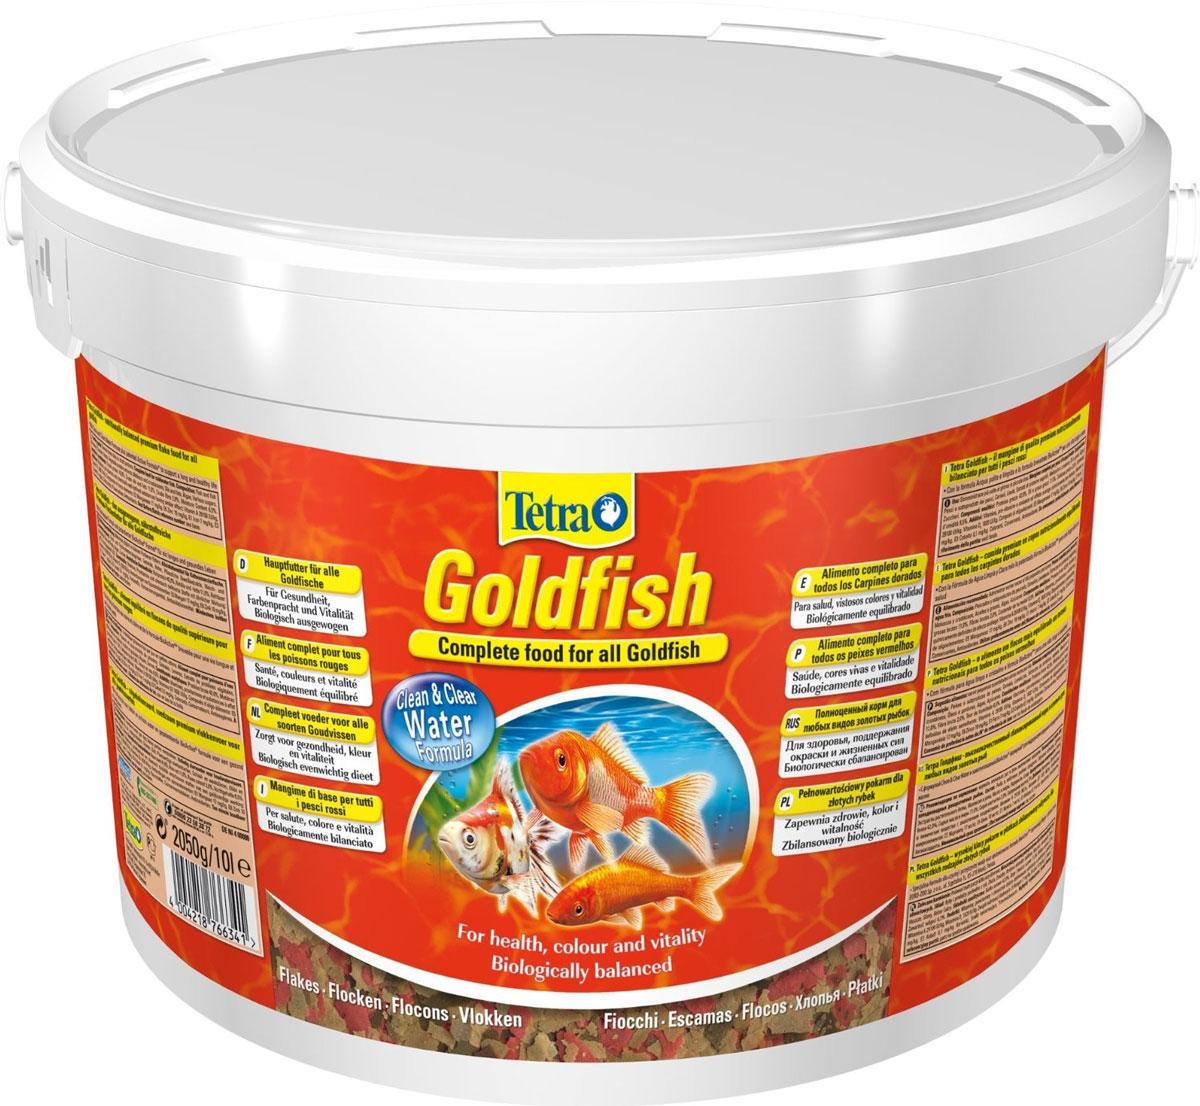 Корм для золотых рыбок Tetra Goldfish, хлопья, 10 л (2,05 кг)766341Корм Tetra Goldfish - это кормовая смесь для здорового, полноценного питания для всех видов золотых рыбок, а также других видов холодноводных рыб. Разнообразное питание, которое достигается за счет оптимально подобранного состава хлопьев содержит все необходимые питательные вещества и микроэлементы, что улучшает здоровье, жизненную силу и богатство красок рыб. Запатентованная BioActive формула и формула Clean & Clear Water обеспечивают высокую устойчивость к заболеваниям, придают энергию и жизнеспособность. Рекомендация по кормлению: Кормить несколько раз в день маленькими порциями. Состав: рыба и побочные рыбные продукты, зерновые культуры, дрожжи, экстракты растительного белка, моллюски и раки, масла и жиры, водоросли, сахар. Пищевая ценность: сырой белок - 42%, сырые масла и жиры - 11%, сырая клетчатка - 2%, влага - 6,5%. Добавки: витамины, провитамины и химические вещества с аналогичным воздействием, витамин А 29100...